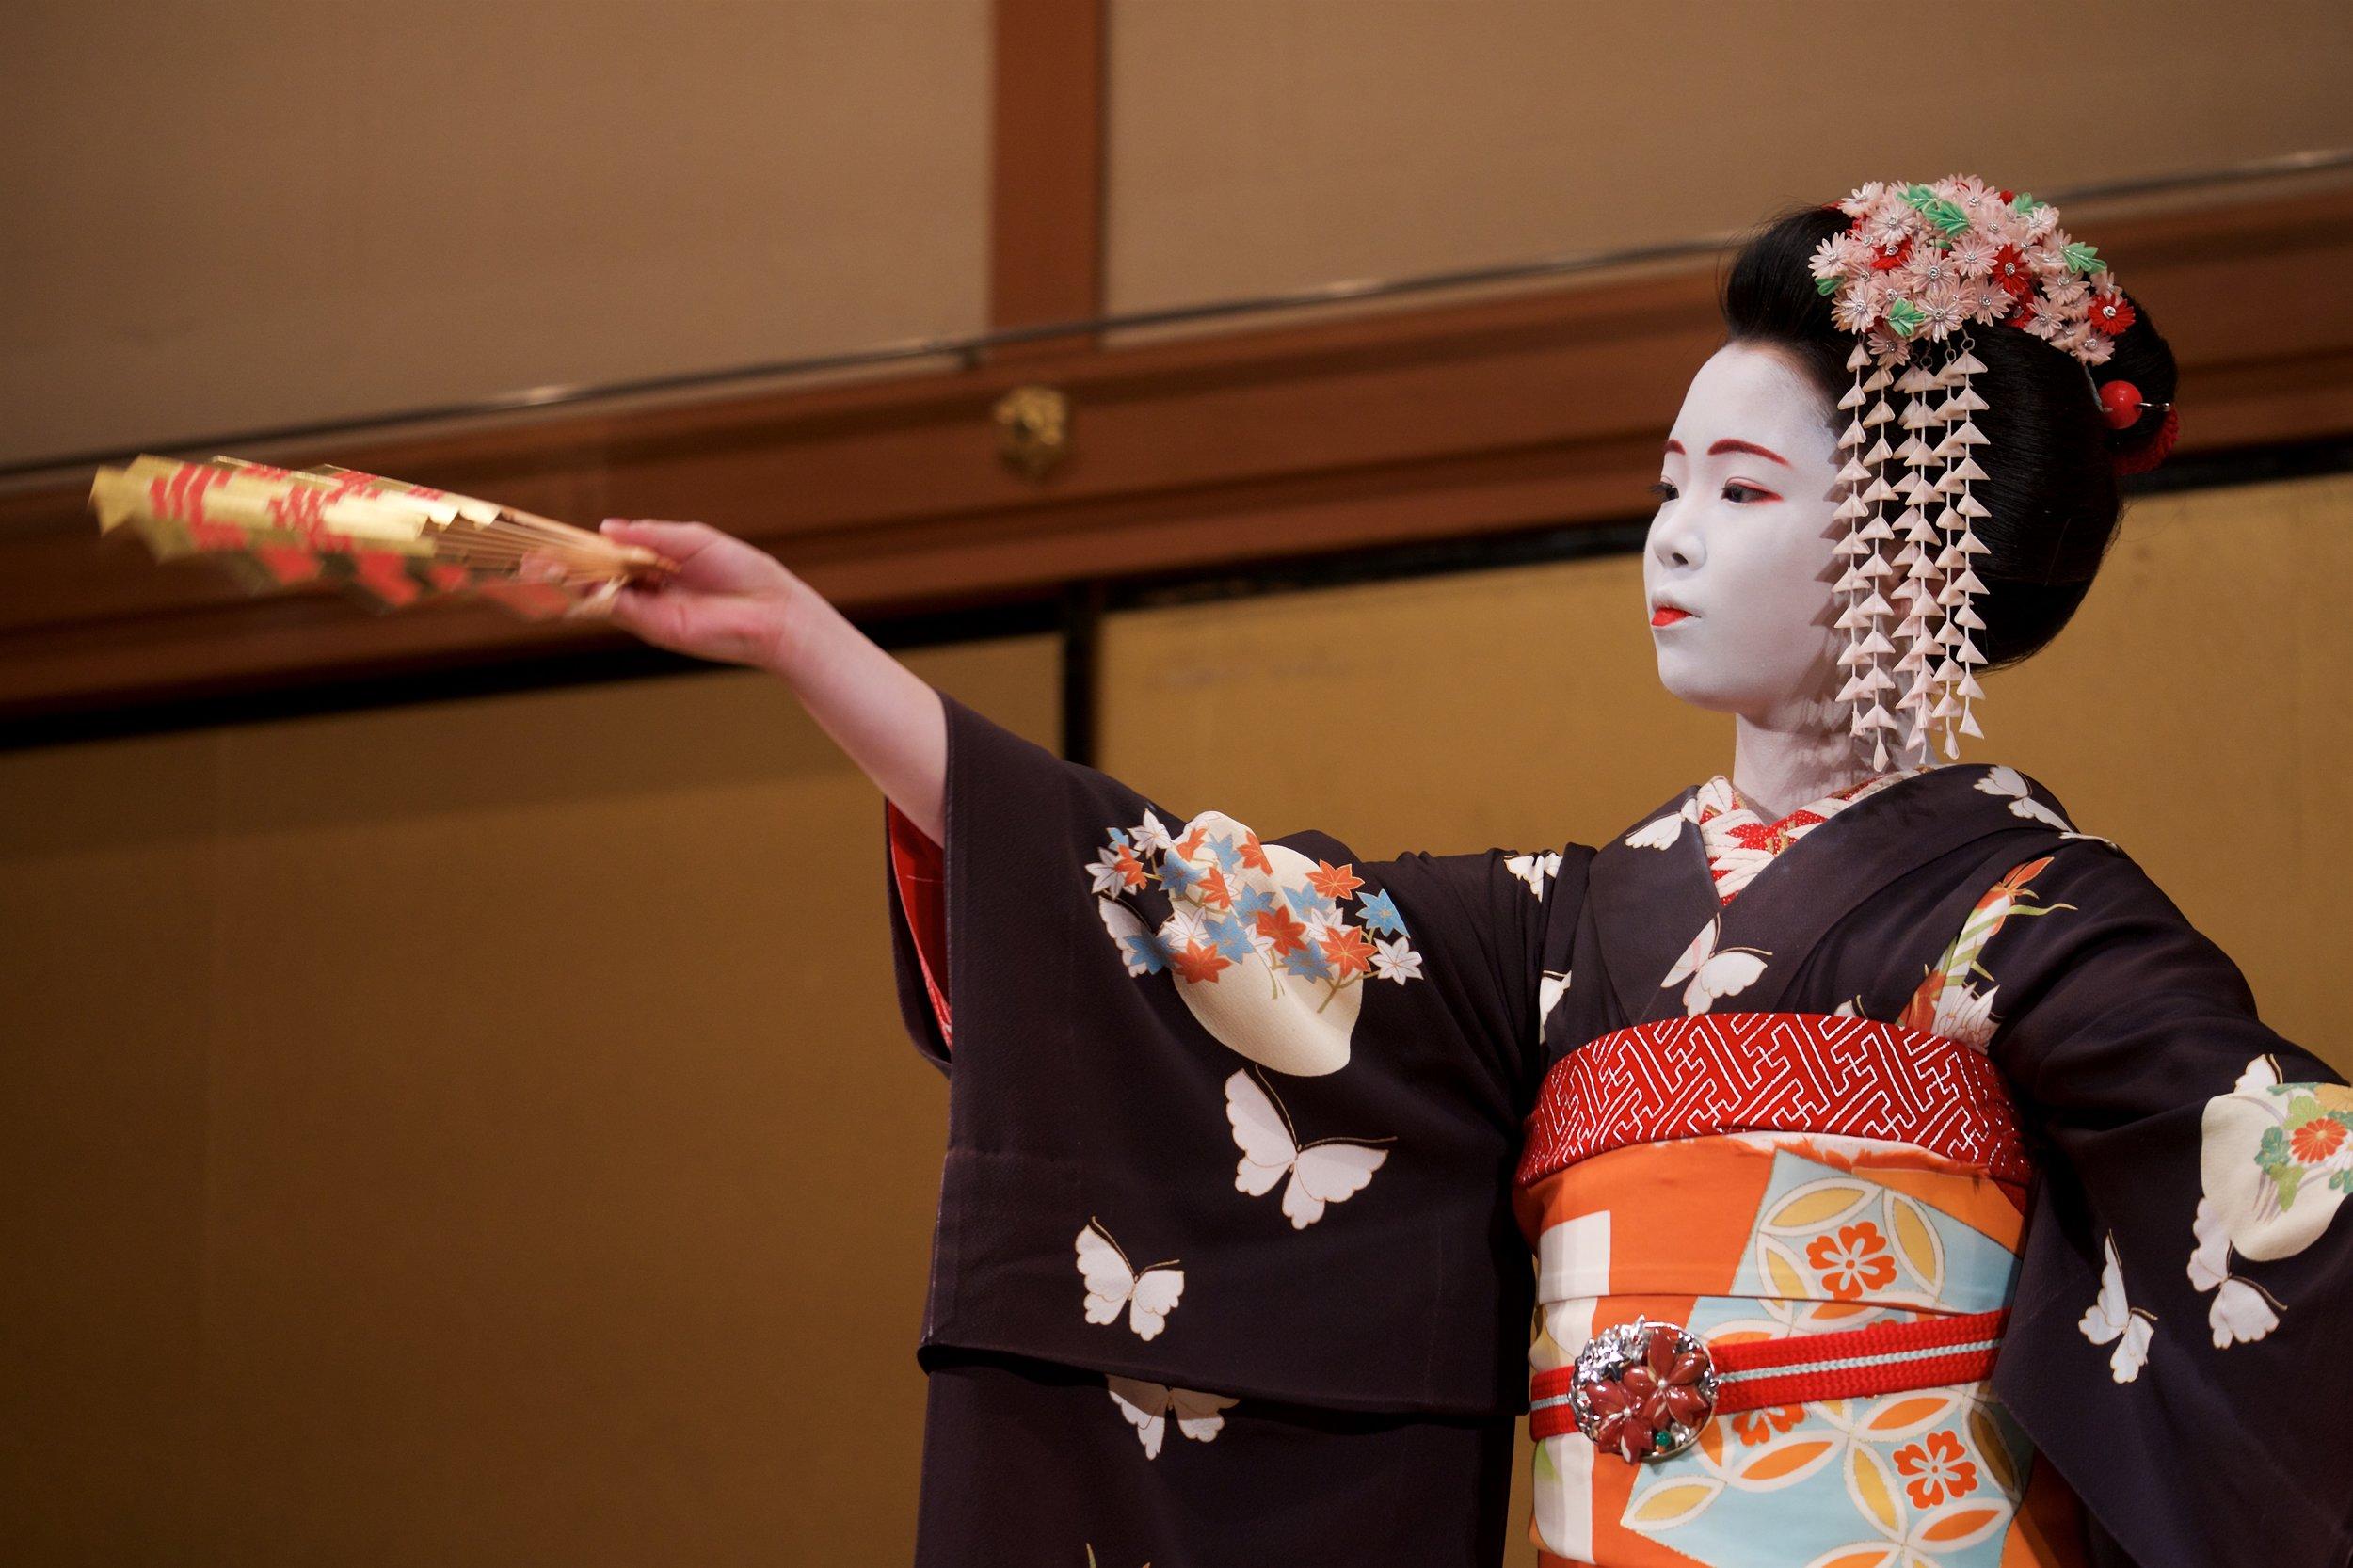 Maiko performing Kyomai